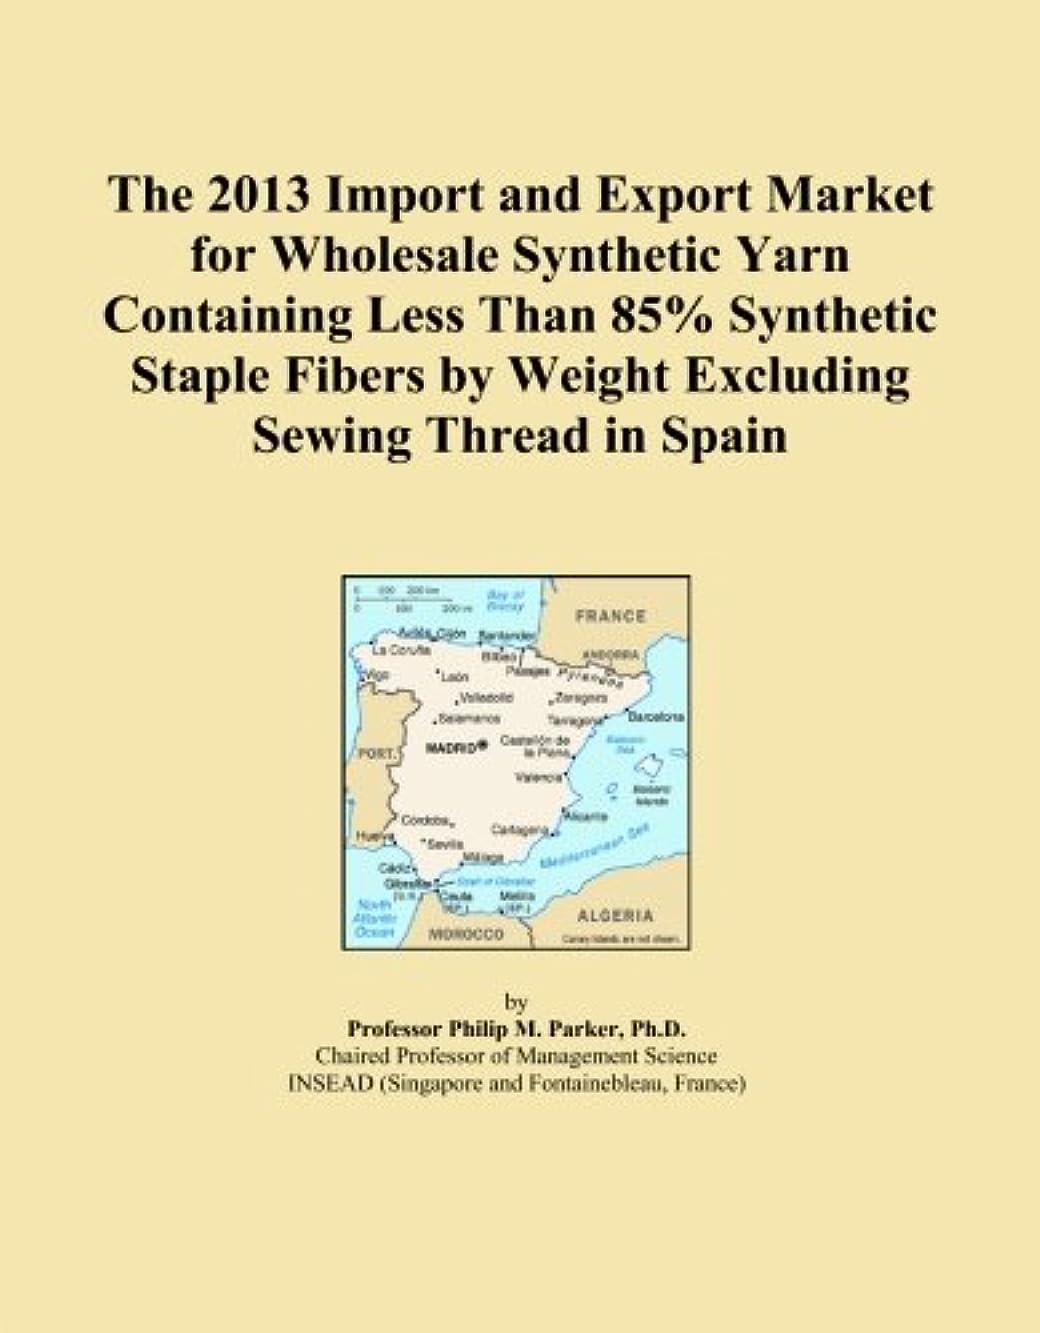 ピカリングスリチンモイ確認The 2013 Import and Export Market for Wholesale Synthetic Yarn Containing Less Than 85% Synthetic Staple Fibers by Weight Excluding Sewing Thread in Spain